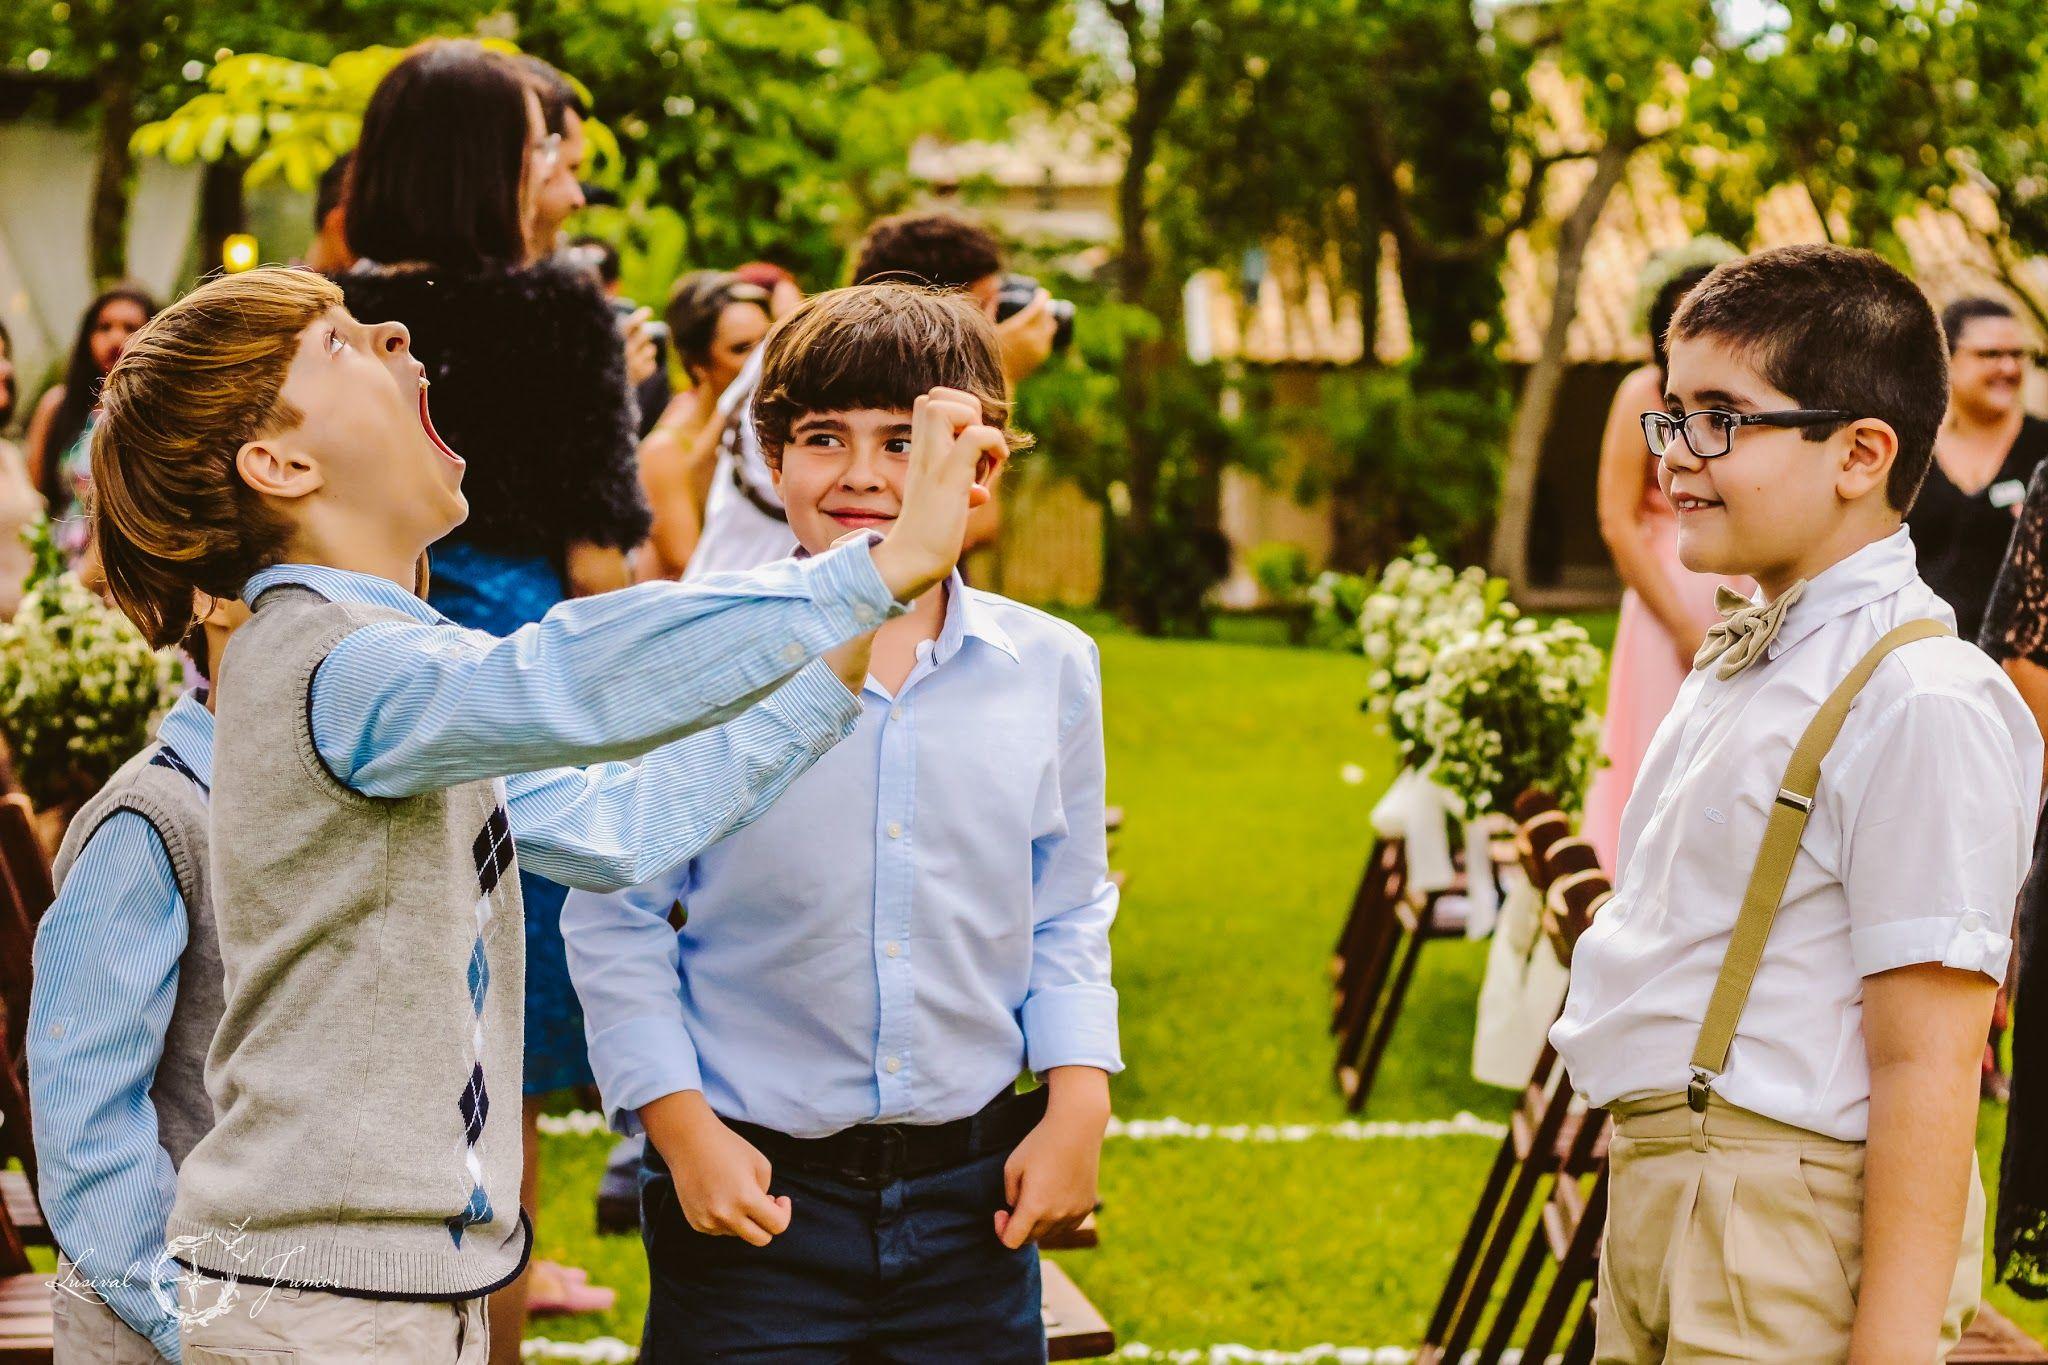 Lusival Junior http://lusivaljunior.com/pt/lusival-junior-fotografia/ instagram: lusival_junior